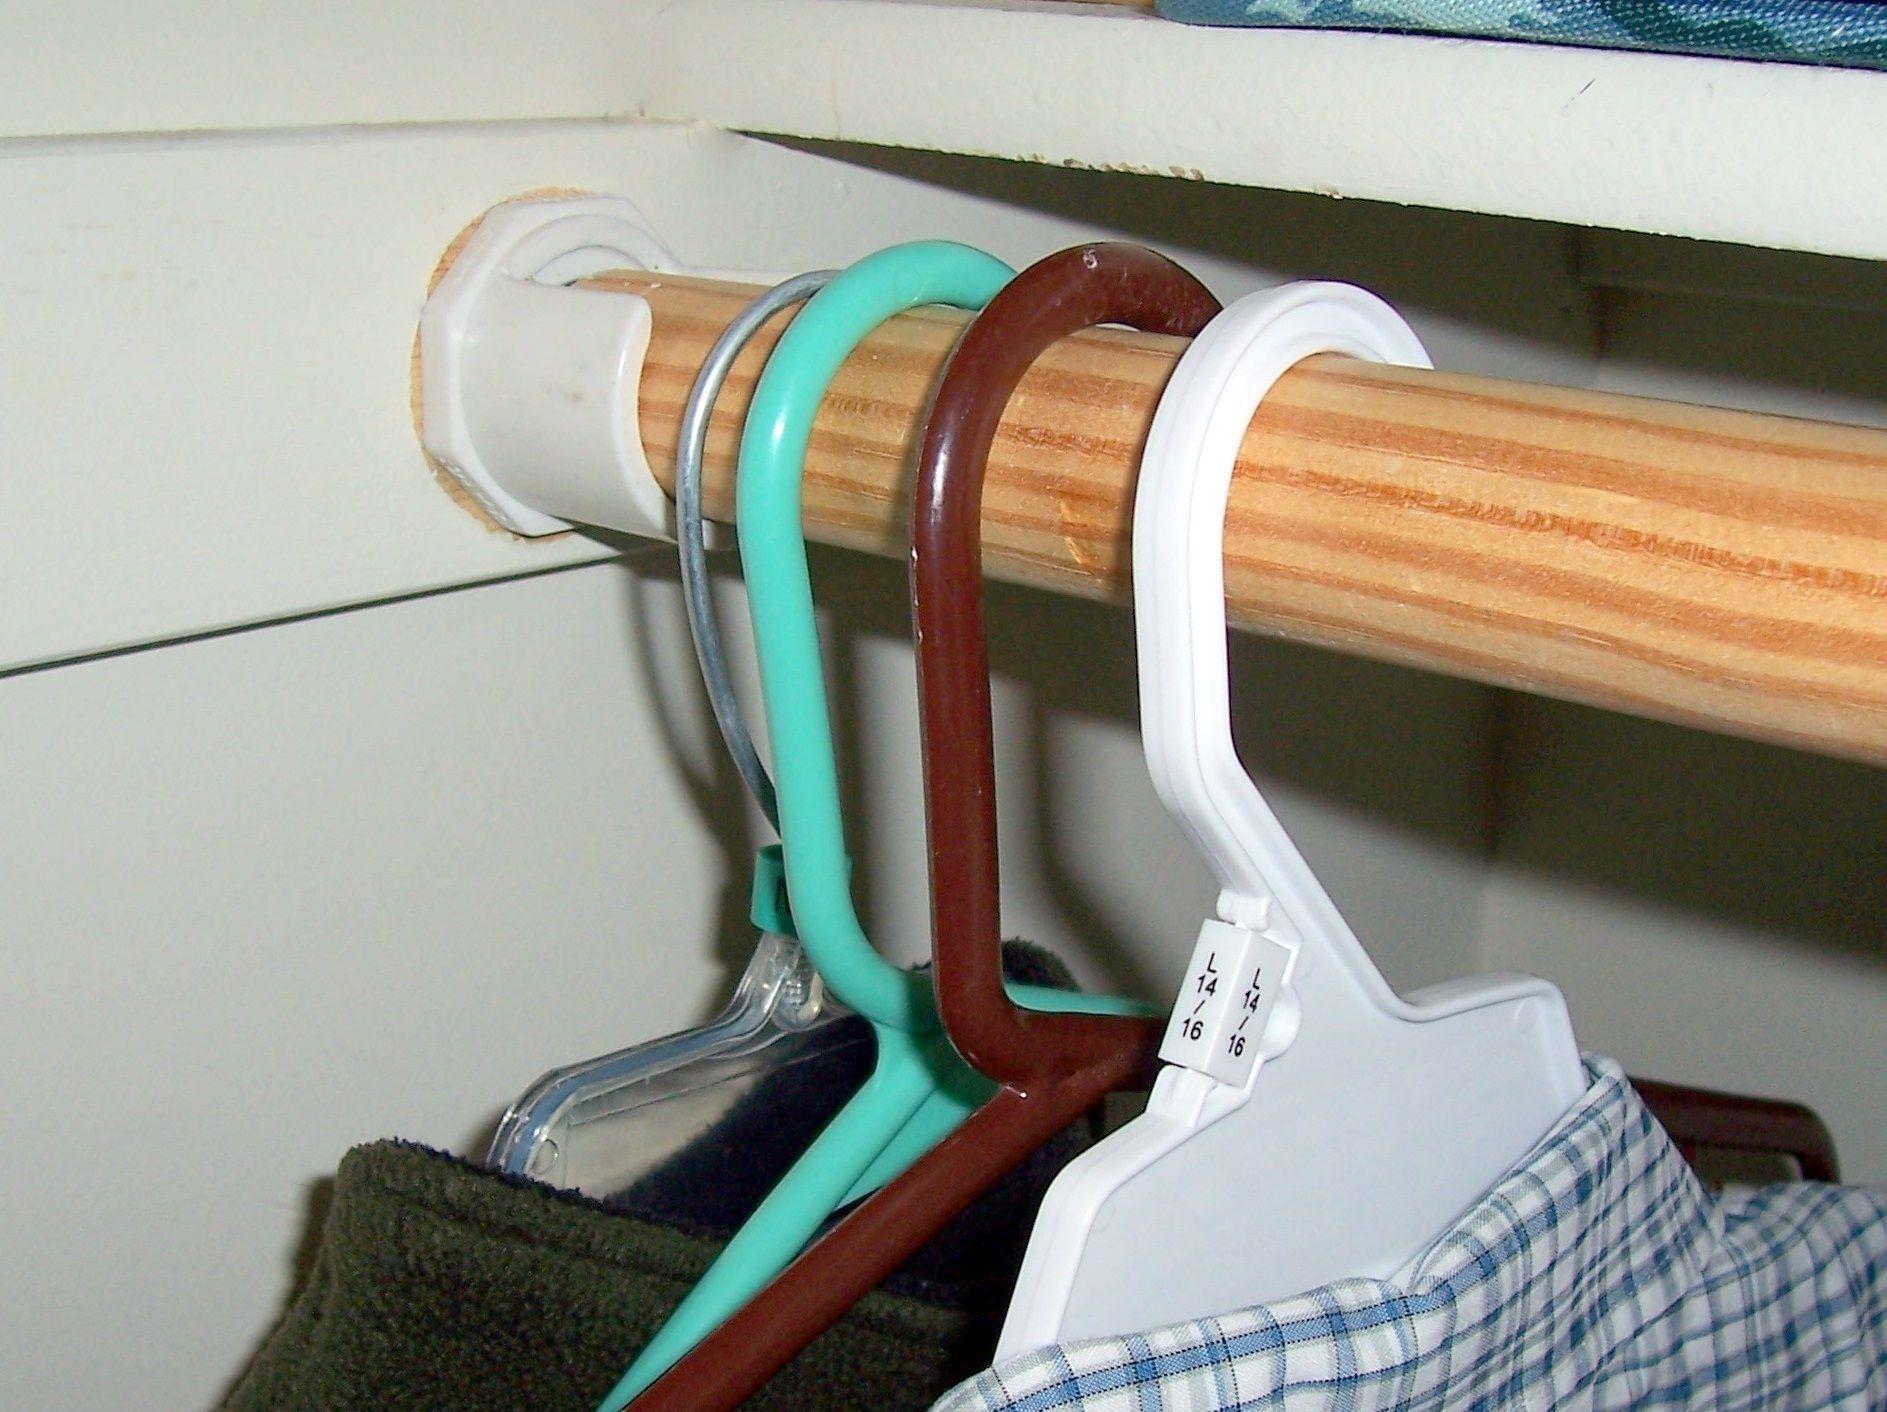 Hang It Up Closet Rod Closet Rod Wooden Closet Hanging Closet Organizer